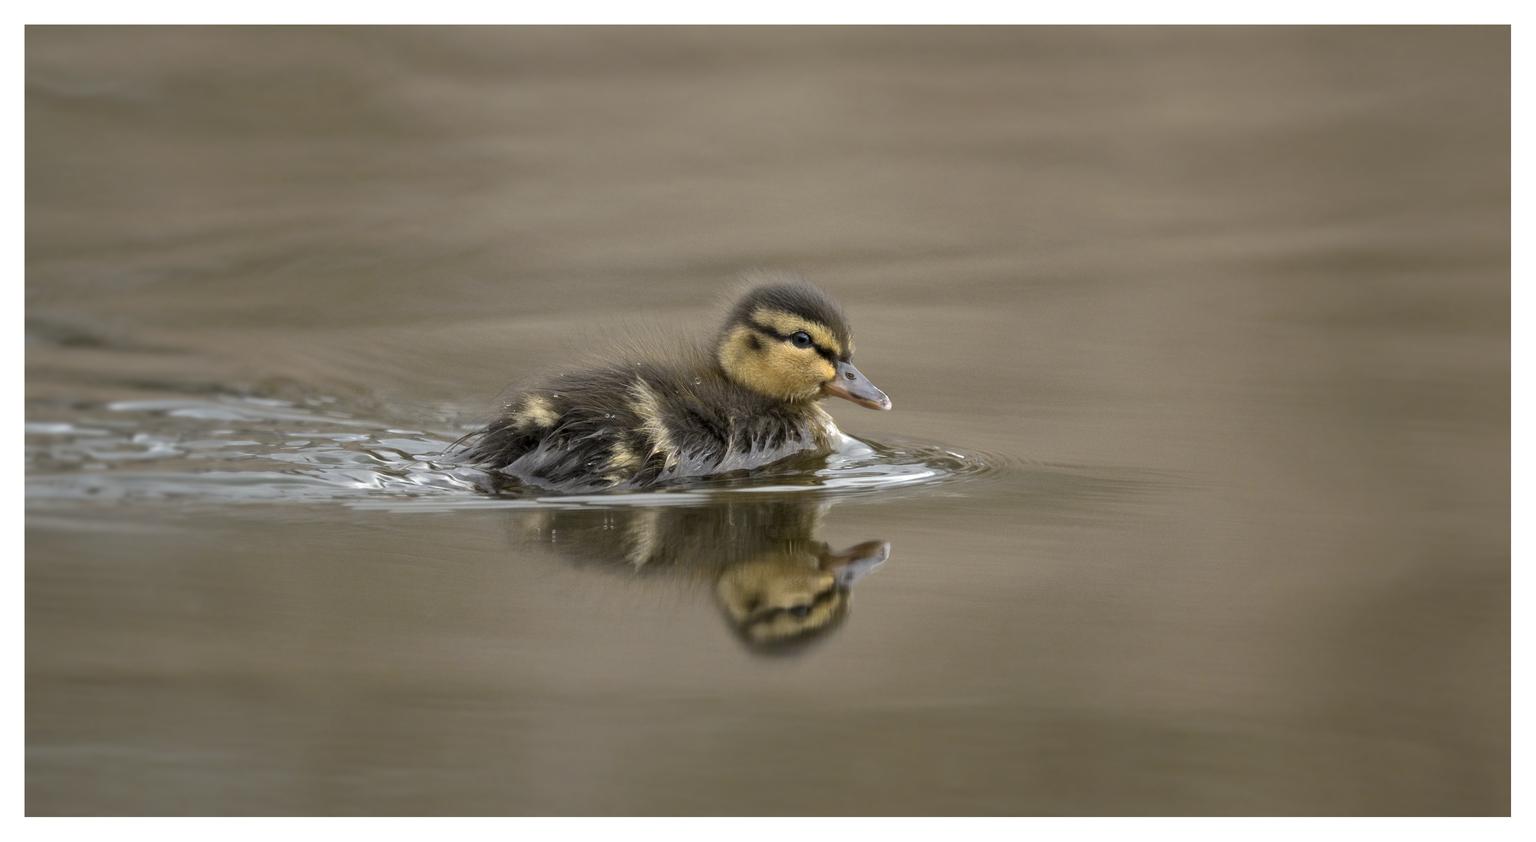 Eendenkuiken. - Het voorjaar hangt in de lucht en zwemt door de vijver. - foto door Napolean op 16-04-2021 - deze foto bevat: .eendje, water, vogel, vloeistof, bek, vloeistof, lichaam van water, eenden, ganzen en zwanen, veer, watervogels, meer